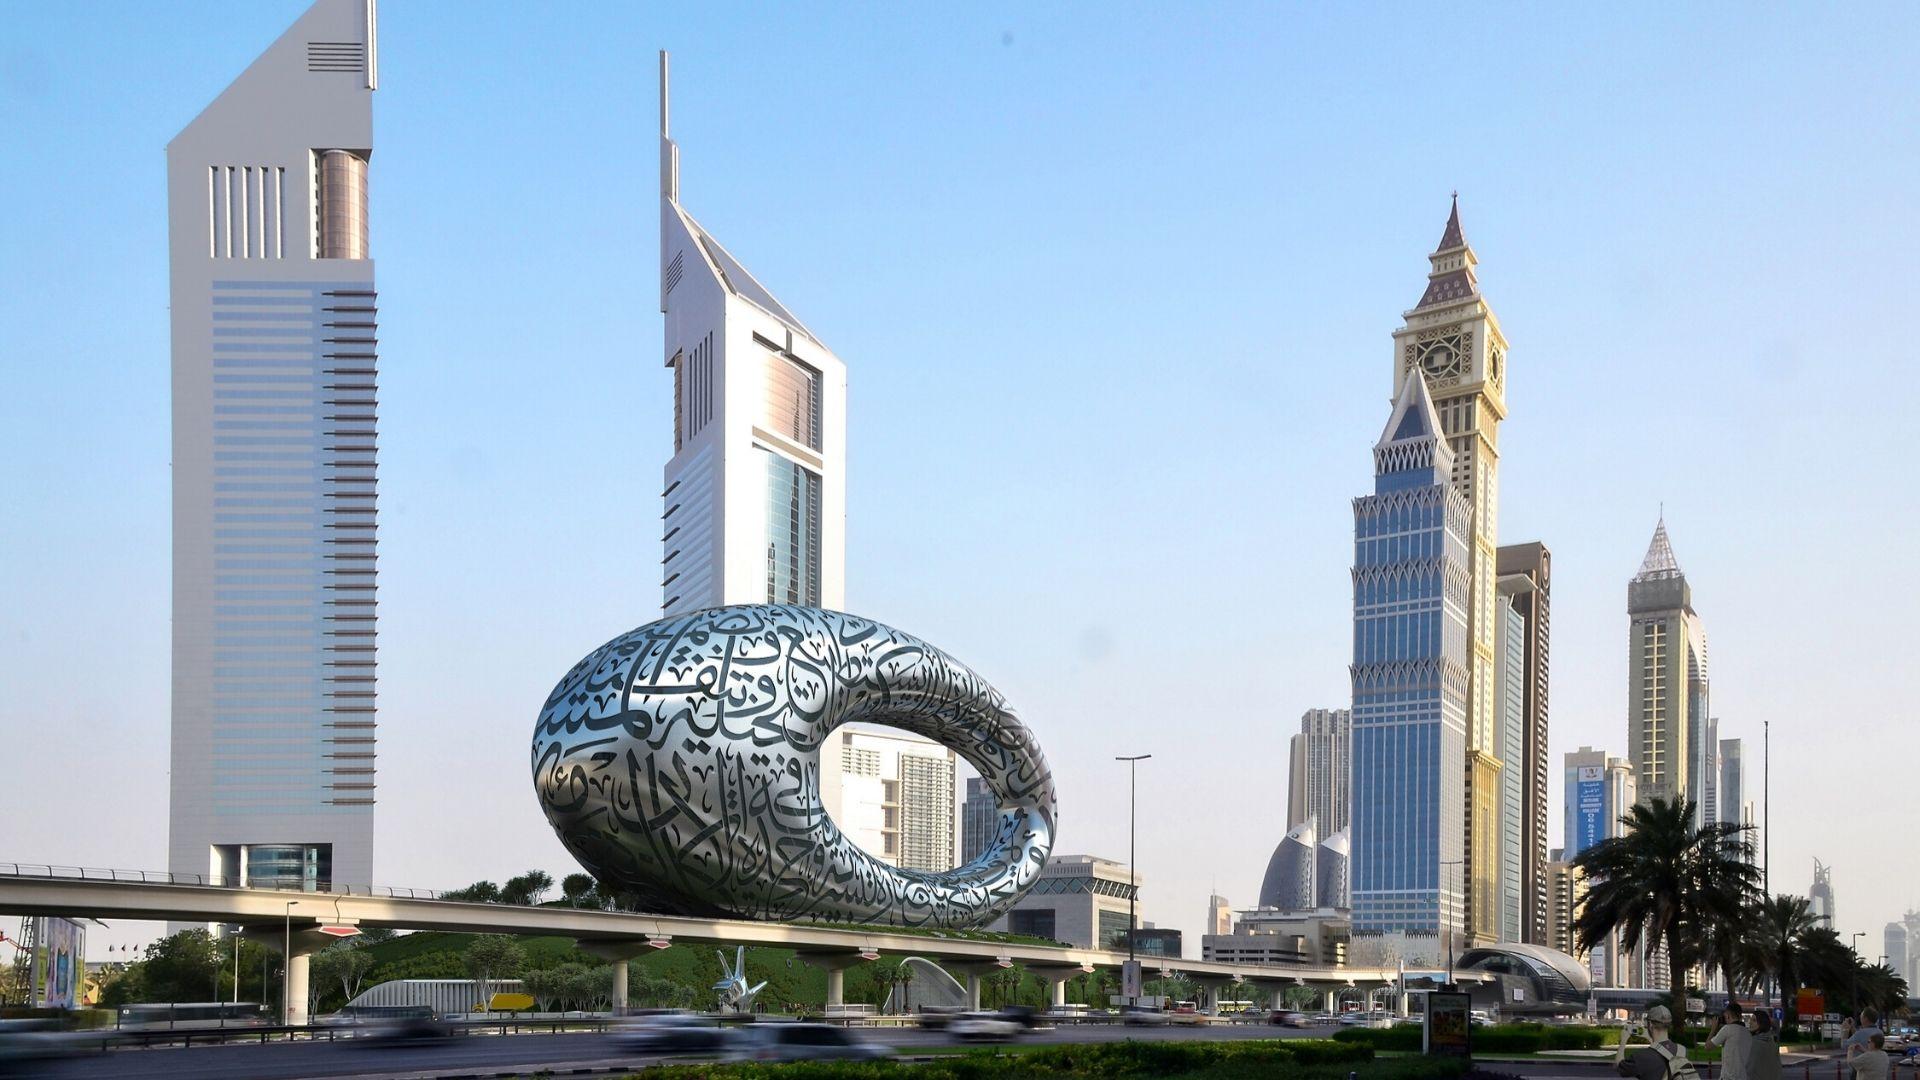 Wavin protagonista a Dubai con le camere d'ispezione Tegra!